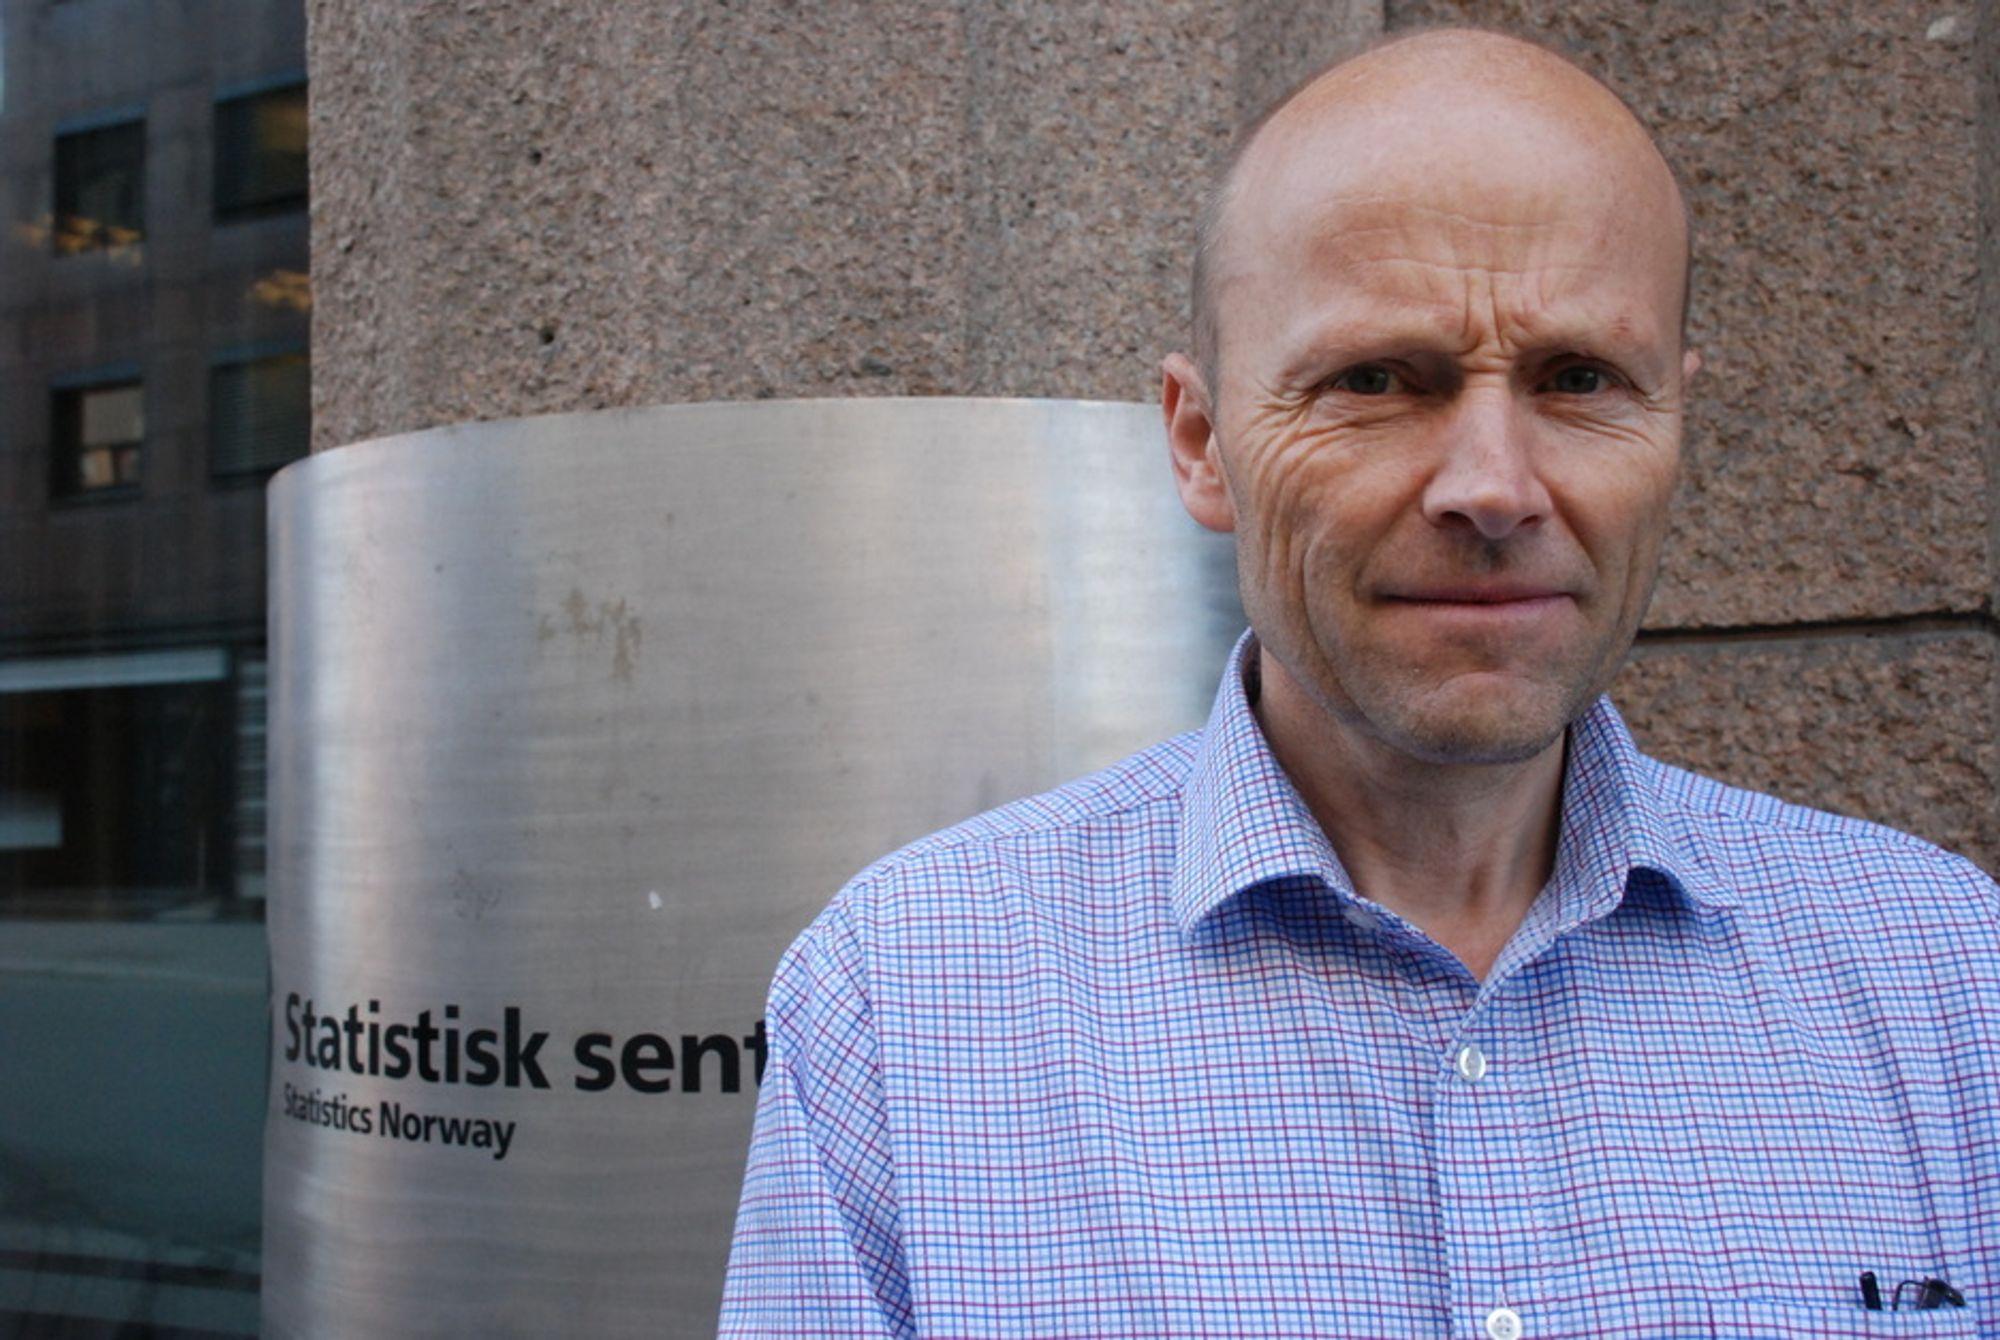 SSB-forsker Bjart Holtsmark er svært skeptisk til klimaeffekten av biodrivstoff basert på trevirke.